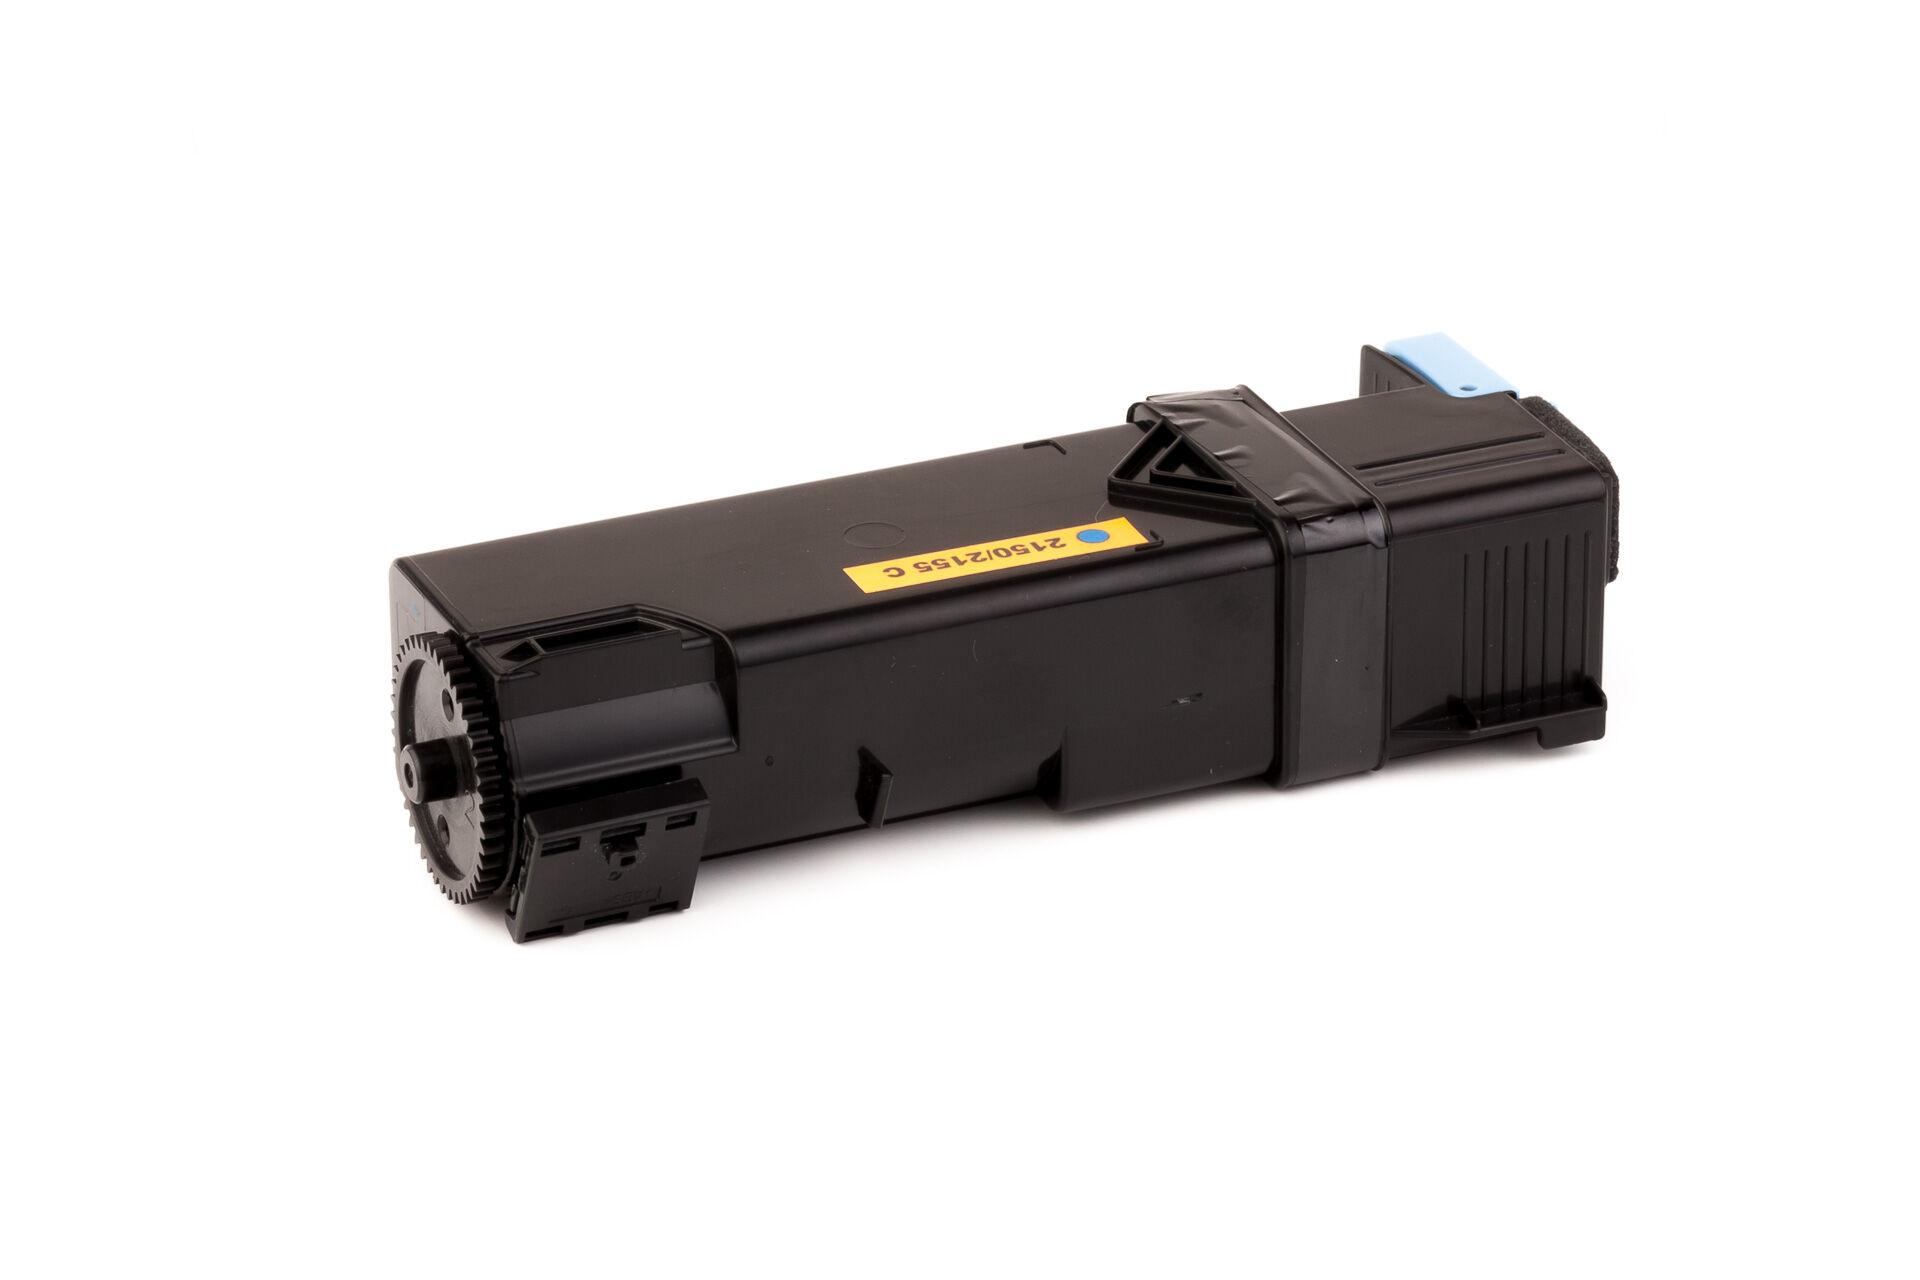 Dell Cartouche de Toner pour Dell 59311041 / THKJ8 cyan compatible (de marque ASC)